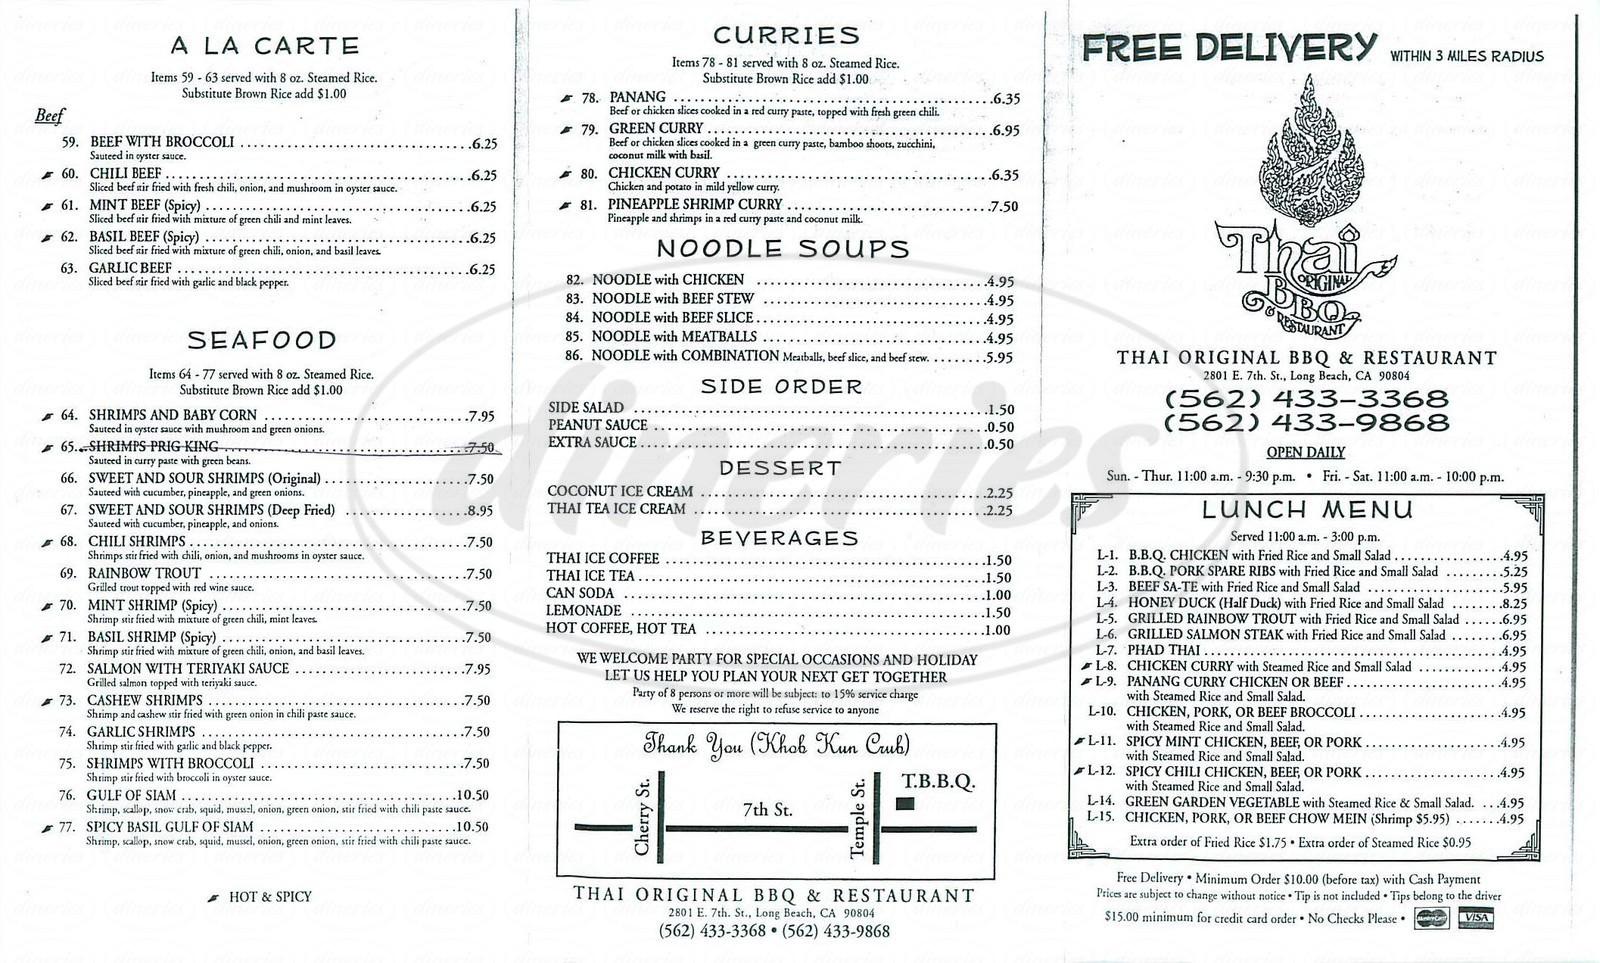 menu for Thai Original BBQ